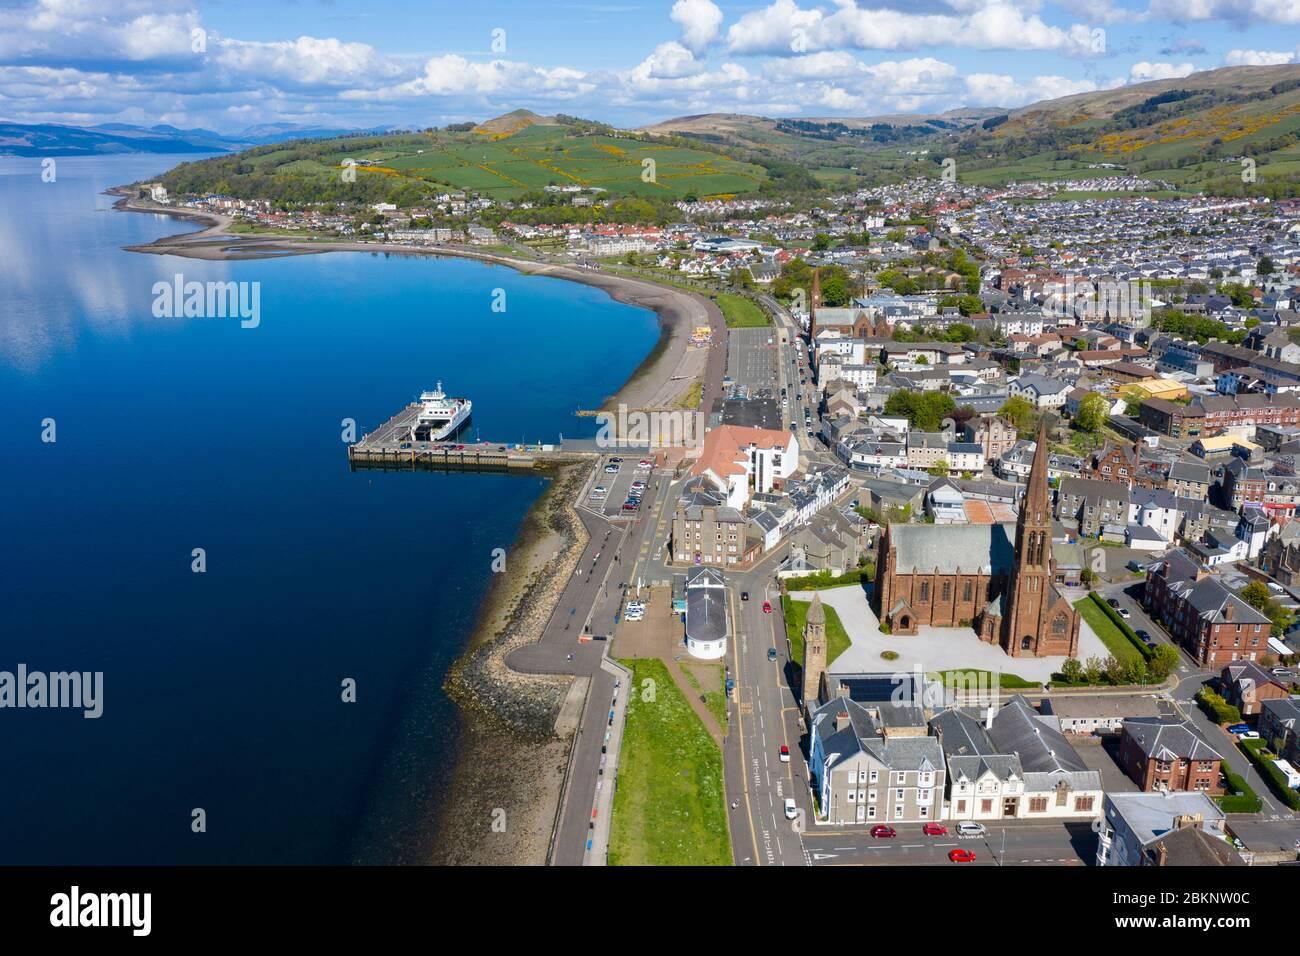 Vue aérienne de la ville côtière de Largs dans le nord de l'Ayrshire, en Écosse, au Royaume-Uni Banque D'Images